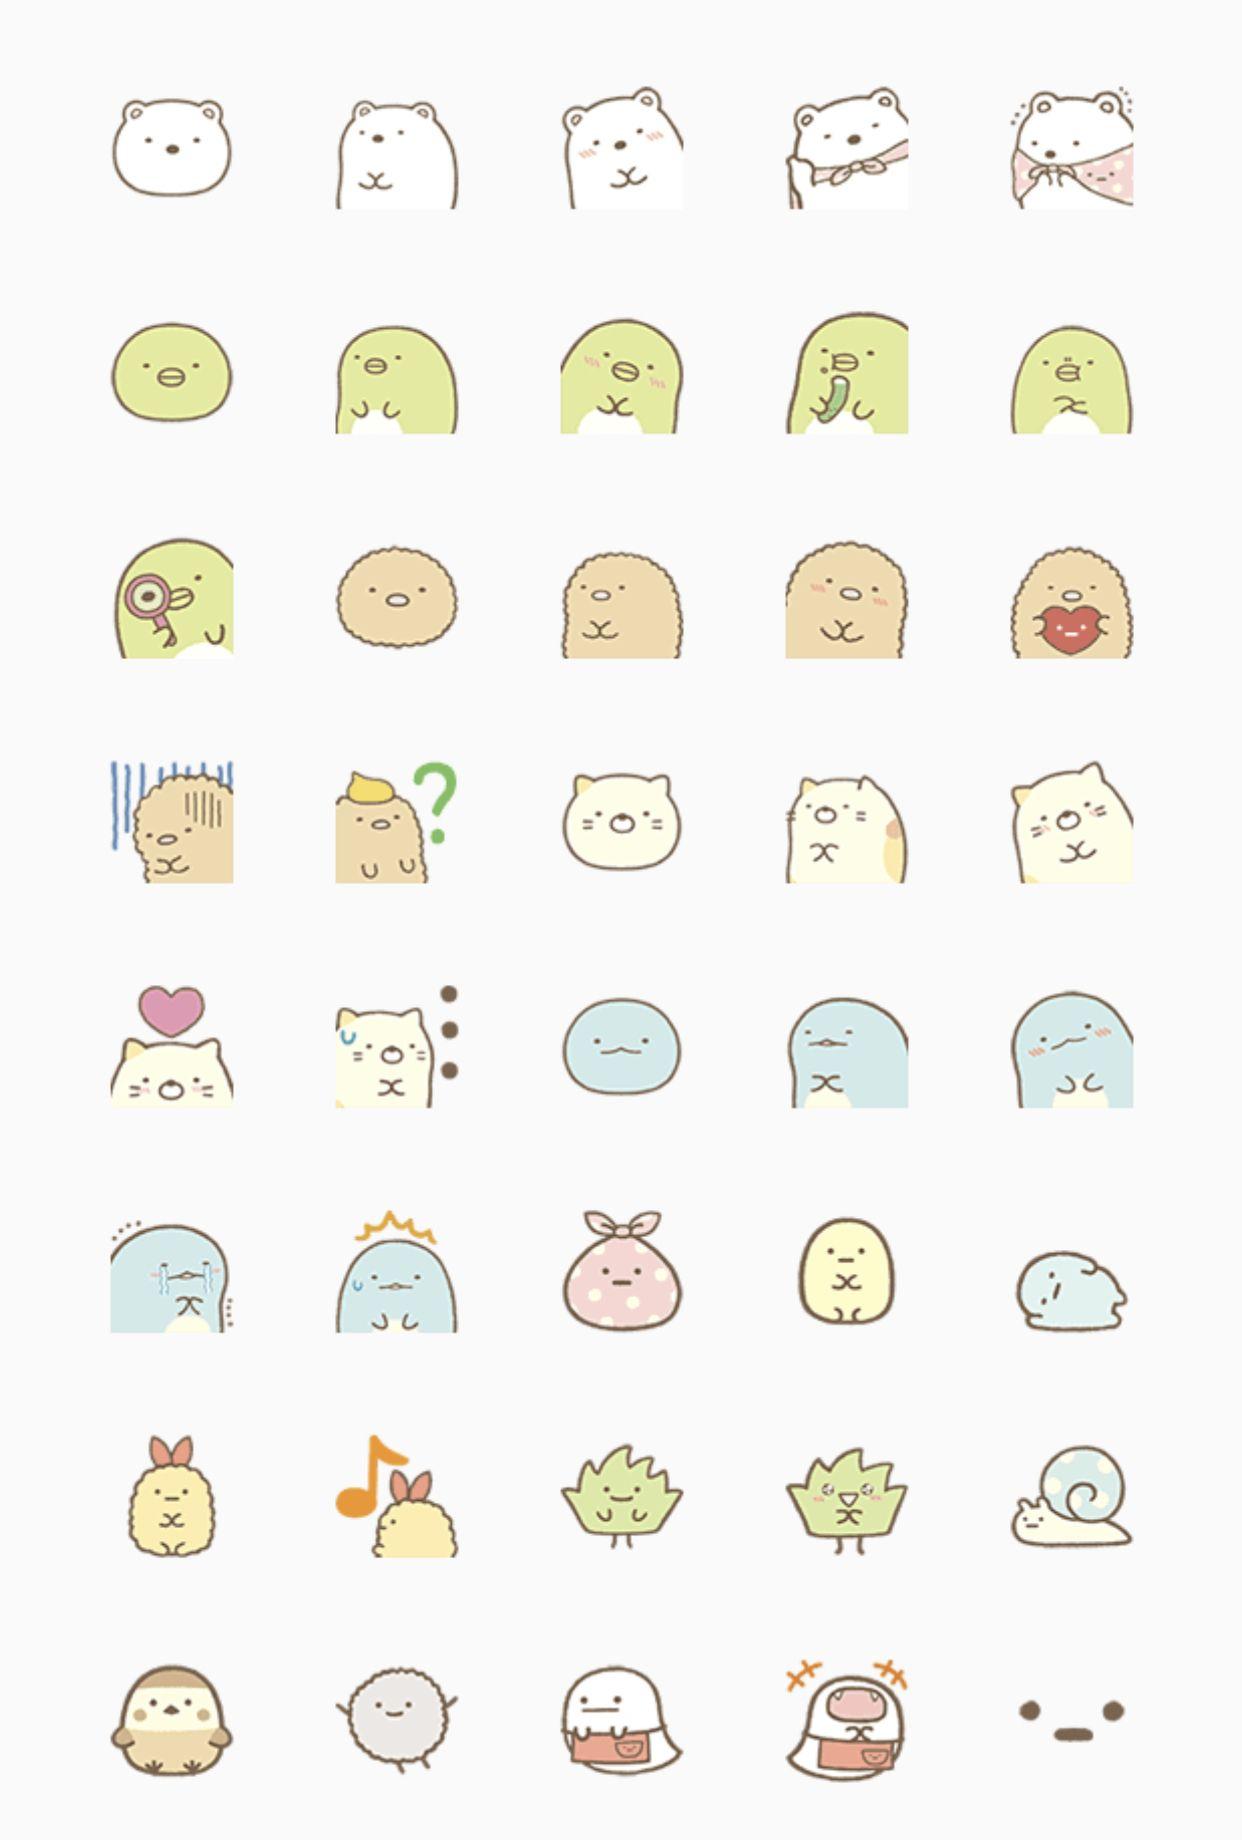 Sumikko Gurashi Emoji Set Cute Kawaii Drawings Cute Stickers Mini Drawings